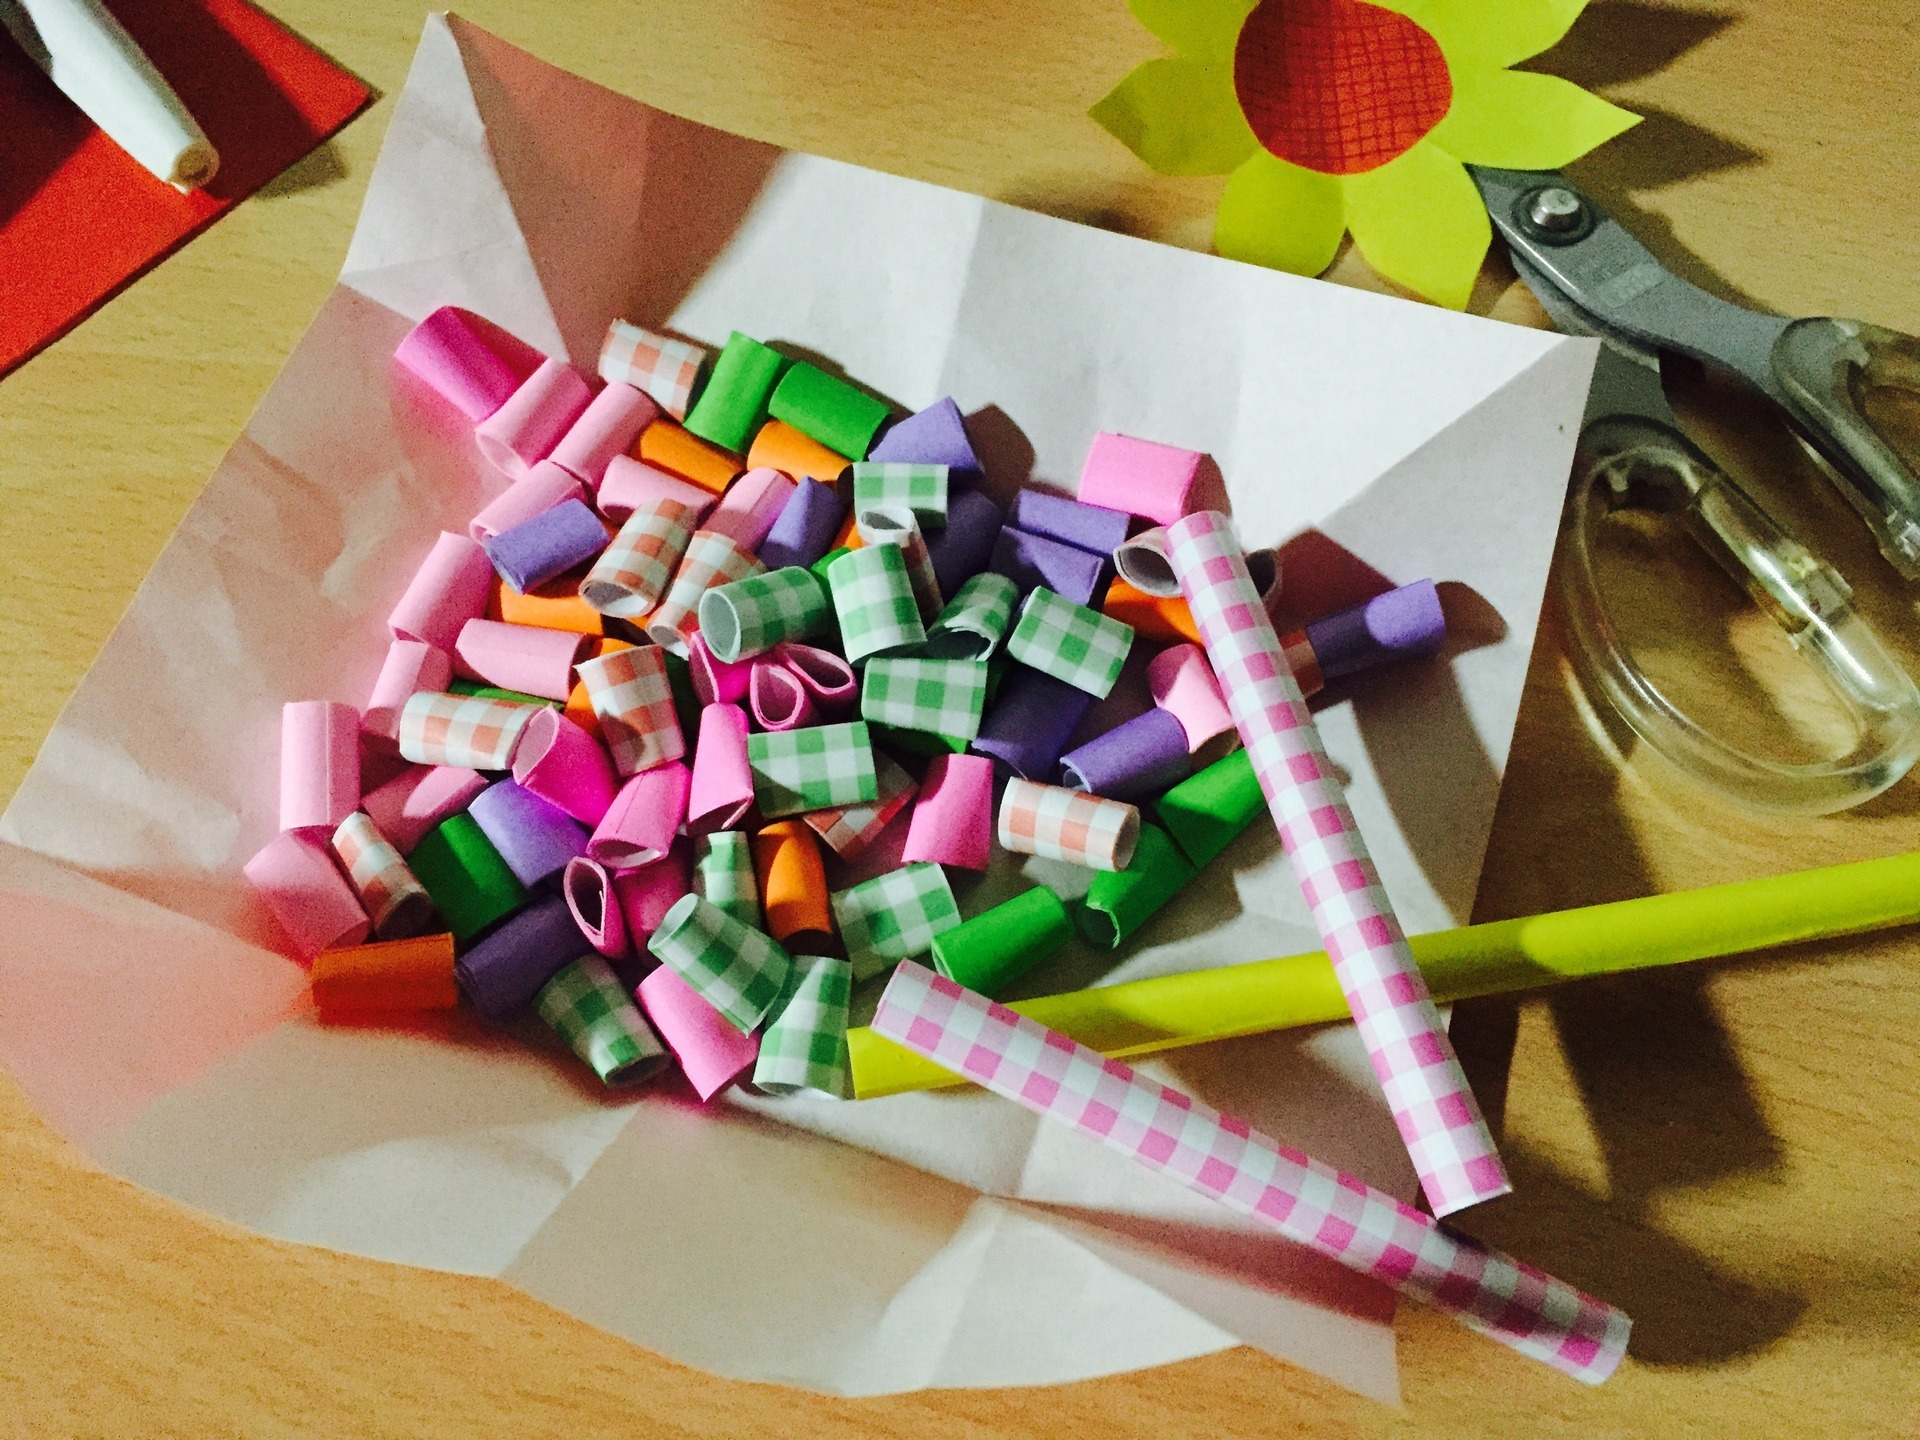 折り紙をクルクル丸めてビーズ作り。